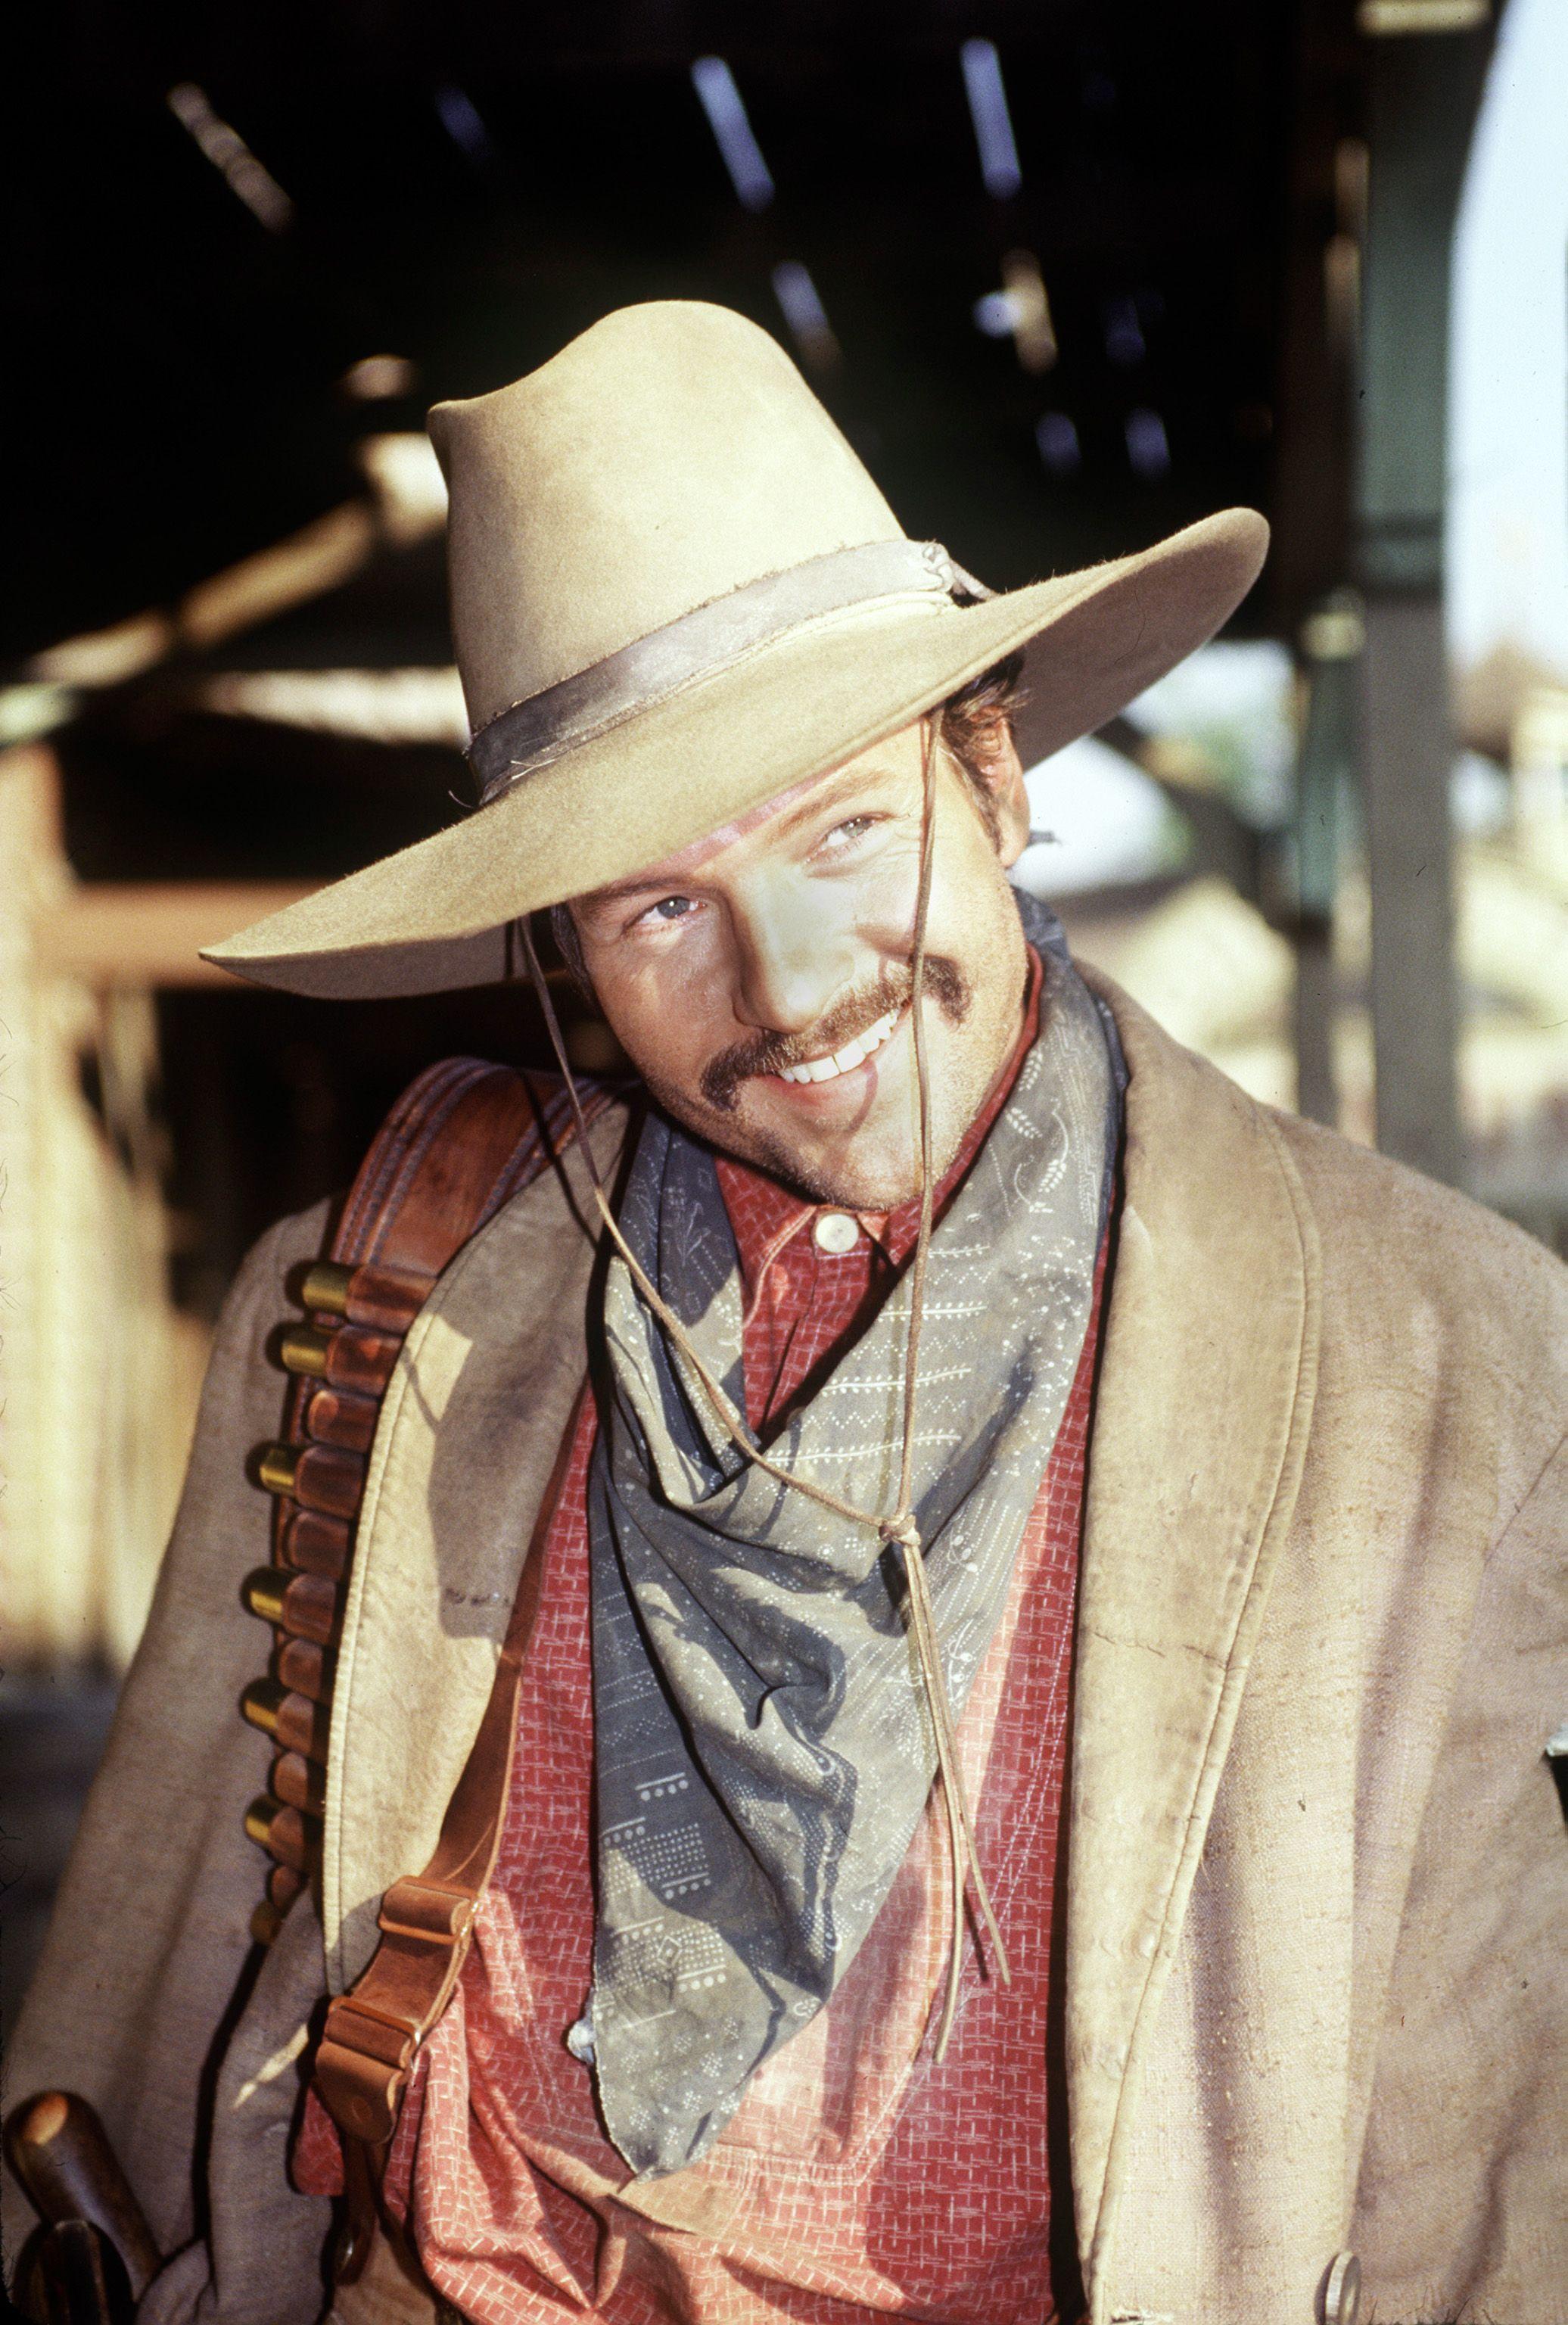 Eric roberts movie wilmington